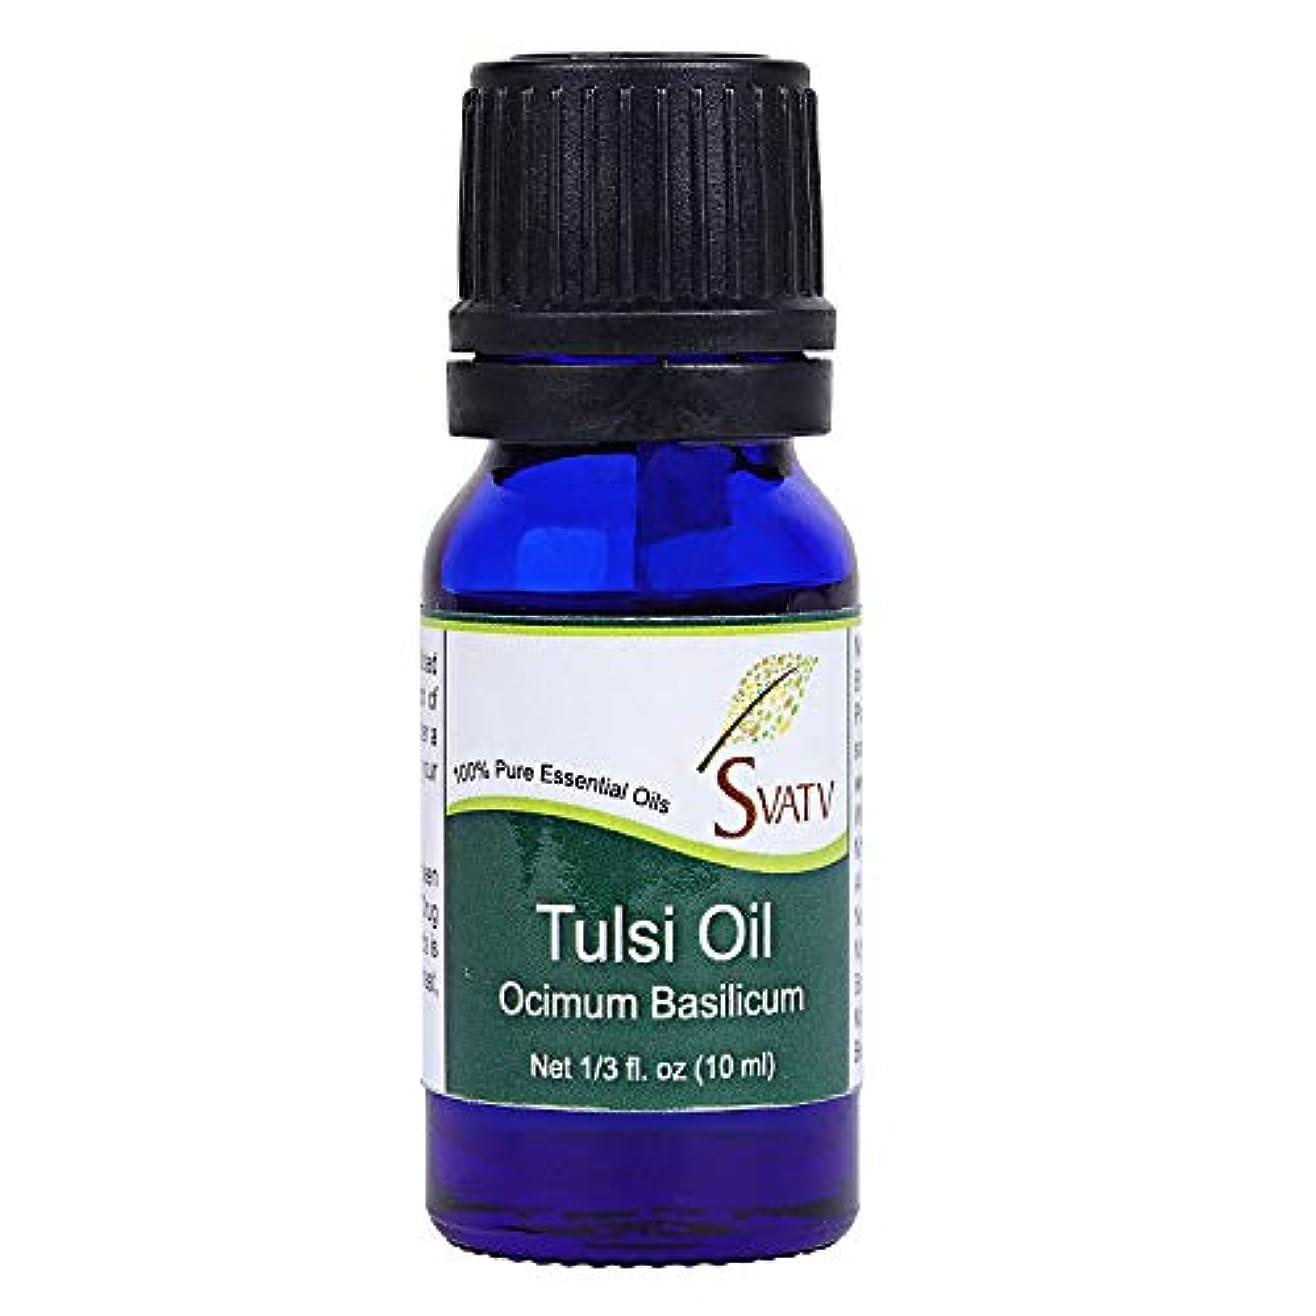 宗教テニスキャンセルSVATV TULSI (ocimum Basilicum) Essential Oil 10 mL (1/3 oz) Therapeutic Grade Aromatherapy Essential Oil